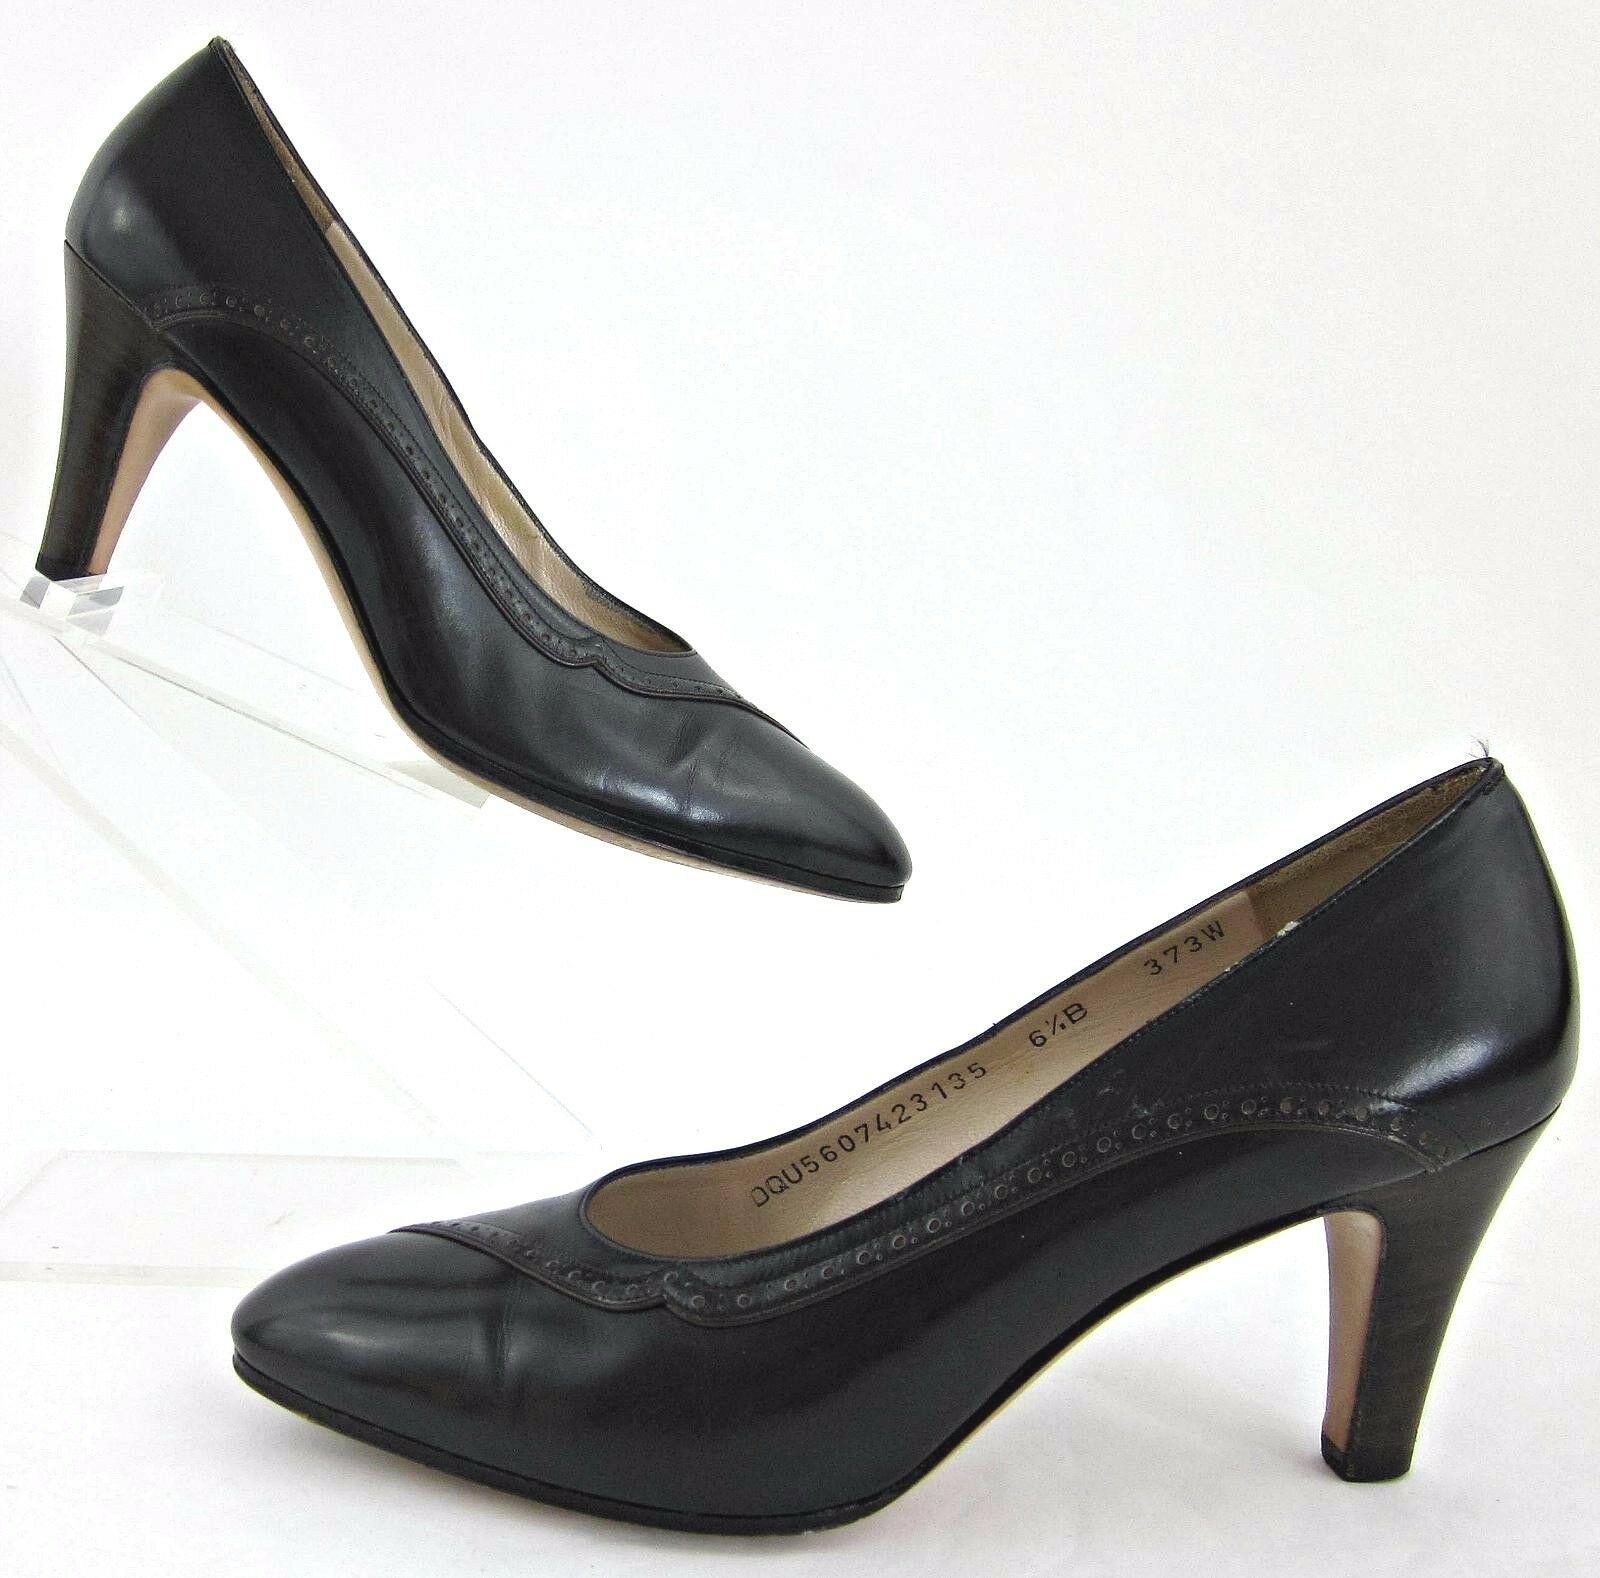 Zapatos de Cuero Salvatore Ferragamo Vestido Vestido Vestido Negro Sz 6.5B Saks Fifth Avenue  muchas sorpresas